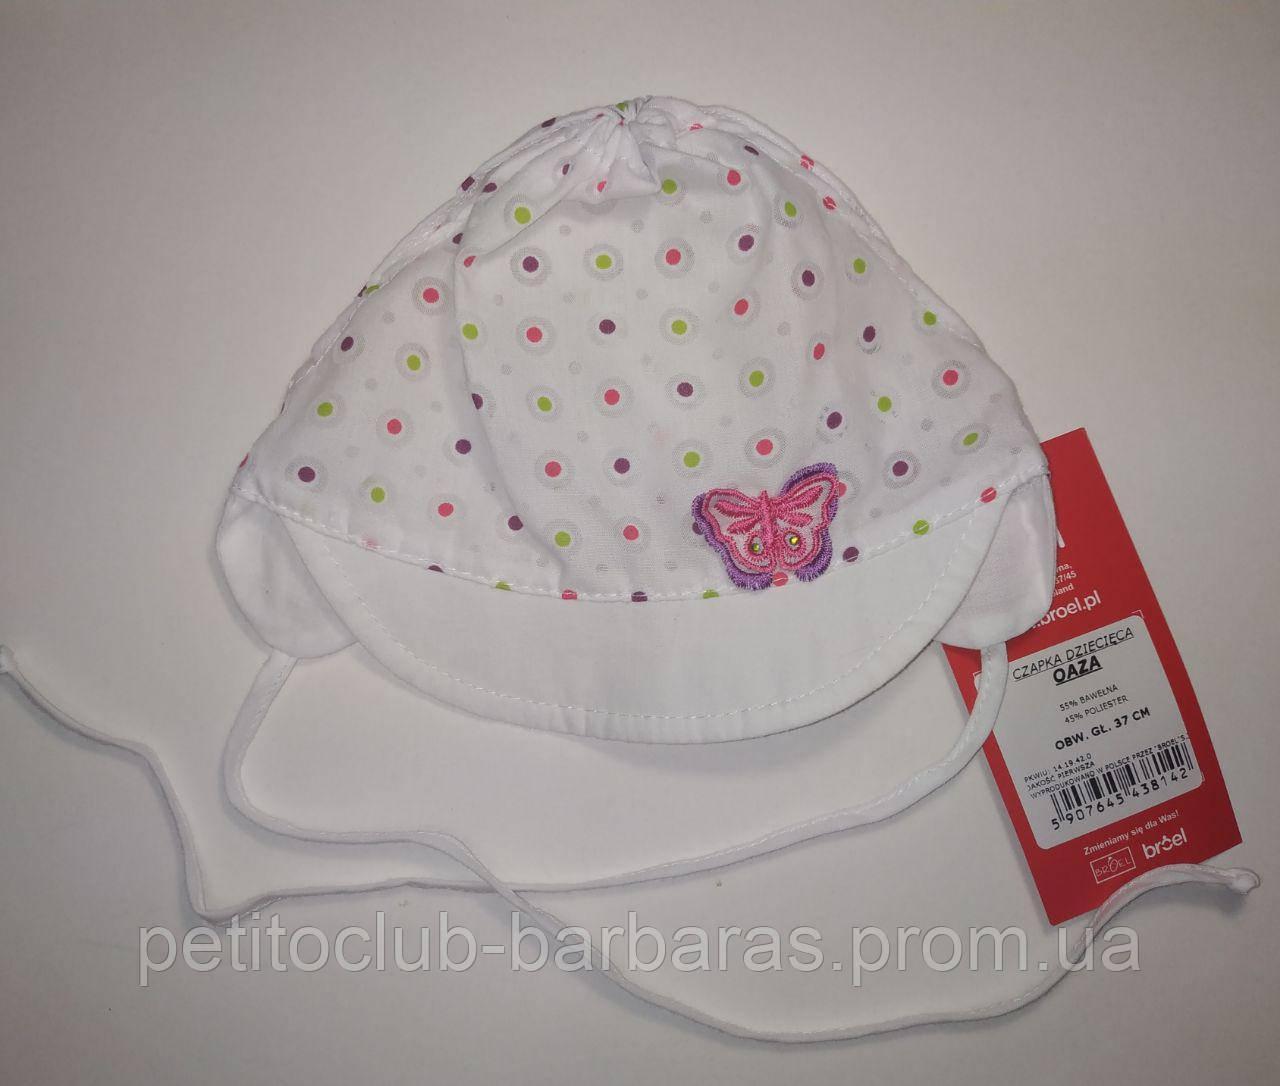 Детская летняя кепка для новорожденной девочки Oaza (Broel, Польша)